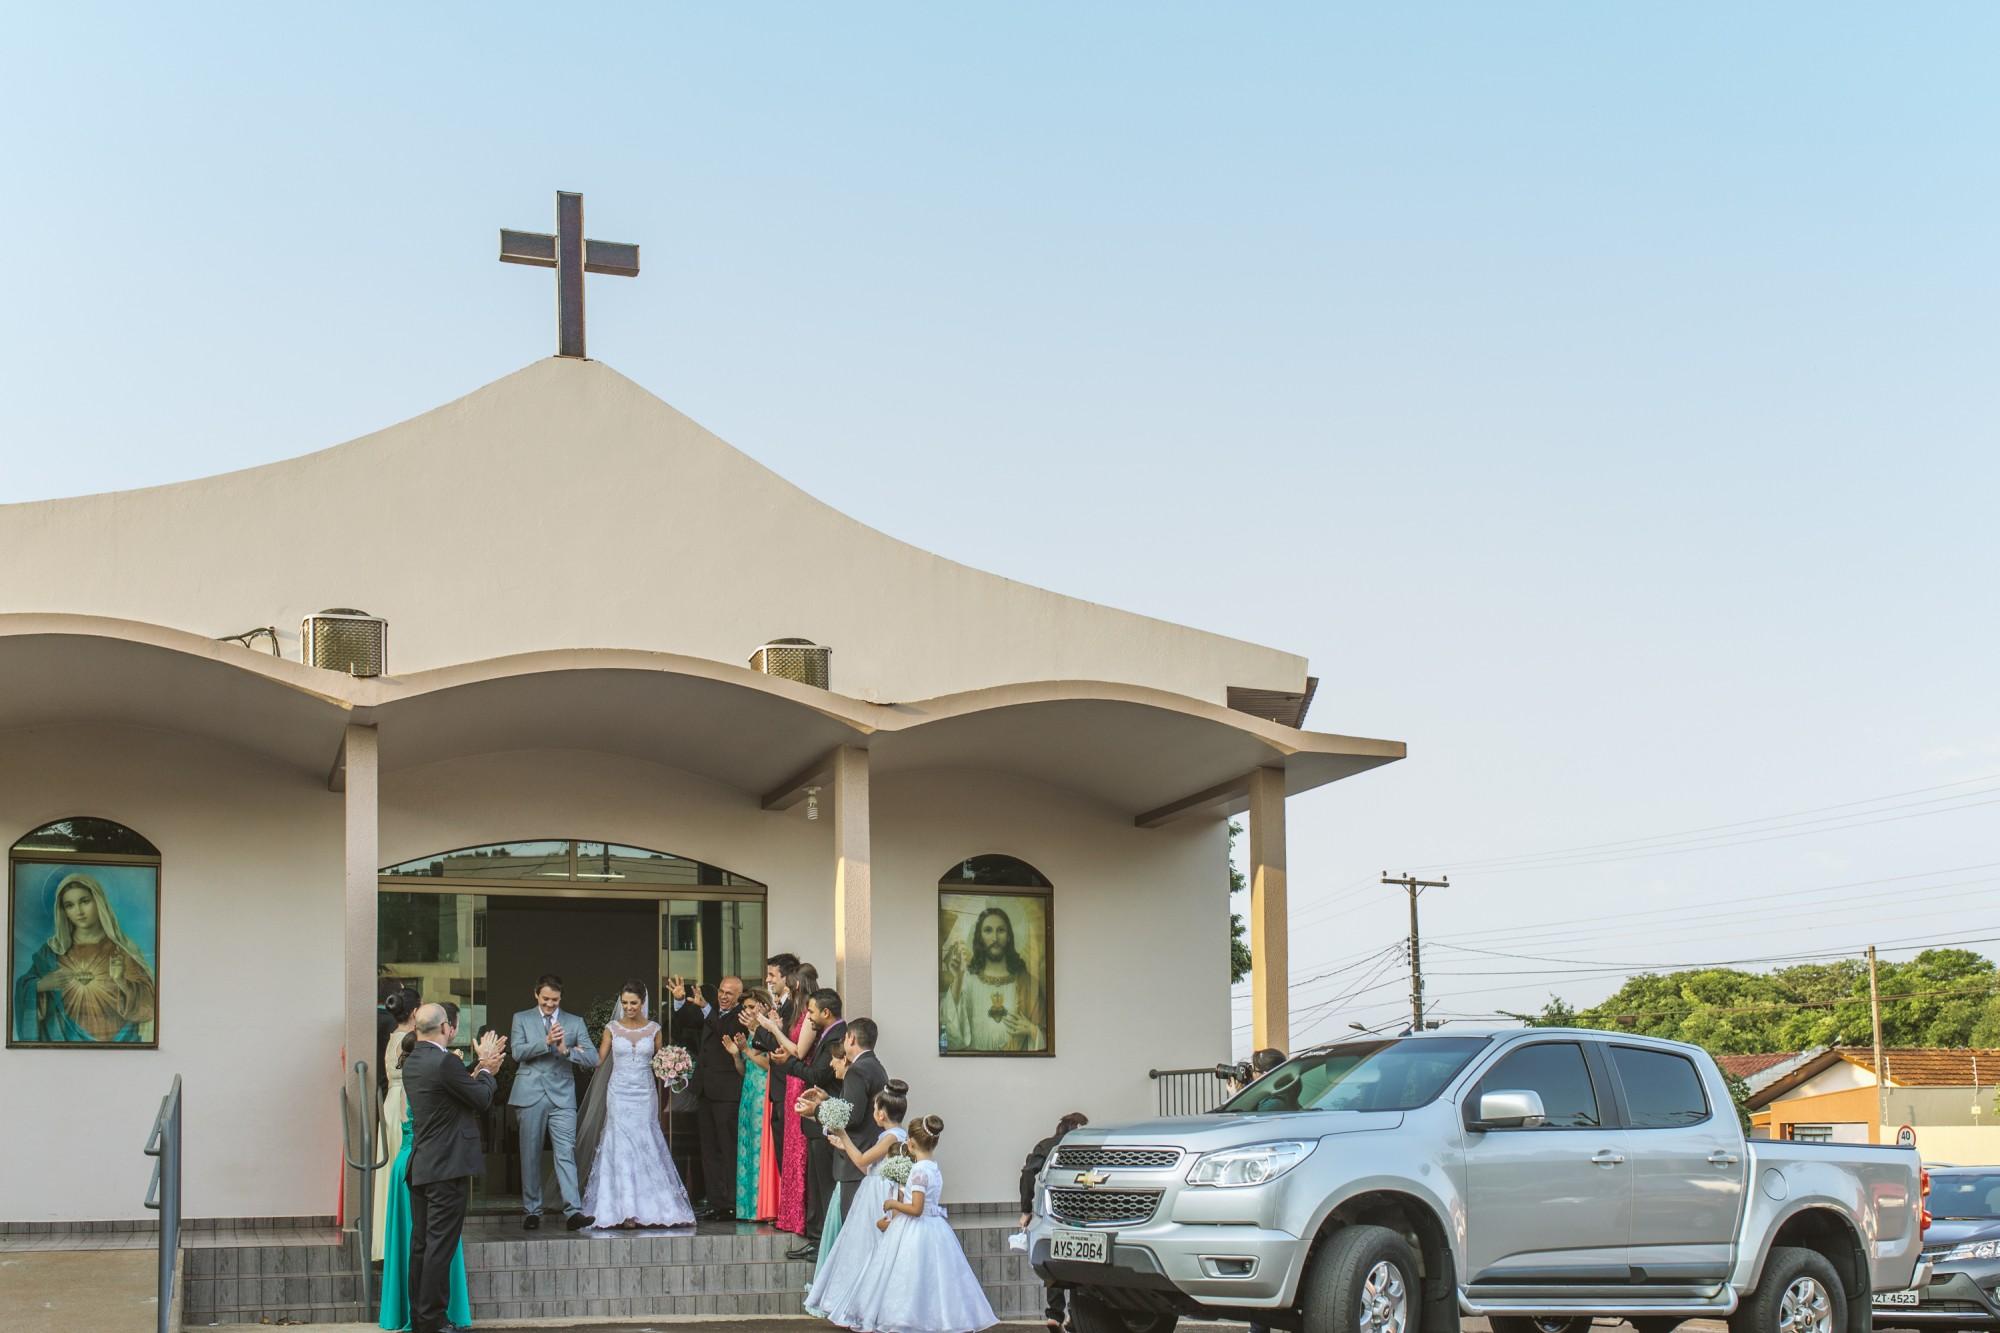 Maiara Kuki e Ricardo - Casamento em Palotina - PR por Lorran Souza e Léia Sotile - fotografo de casamentos00013